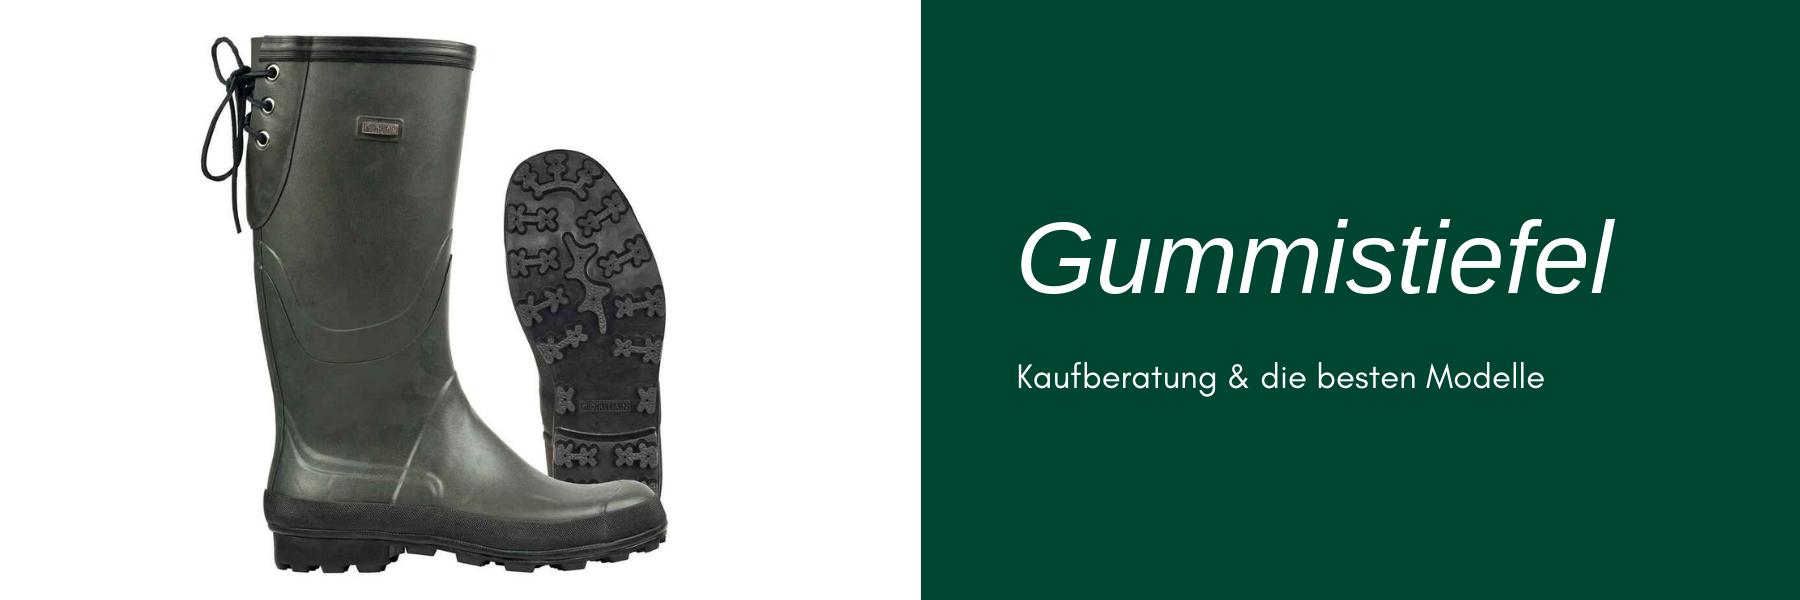 Jagd-Gummistiefel günstig kaufen - Kaufberatung und Modelle